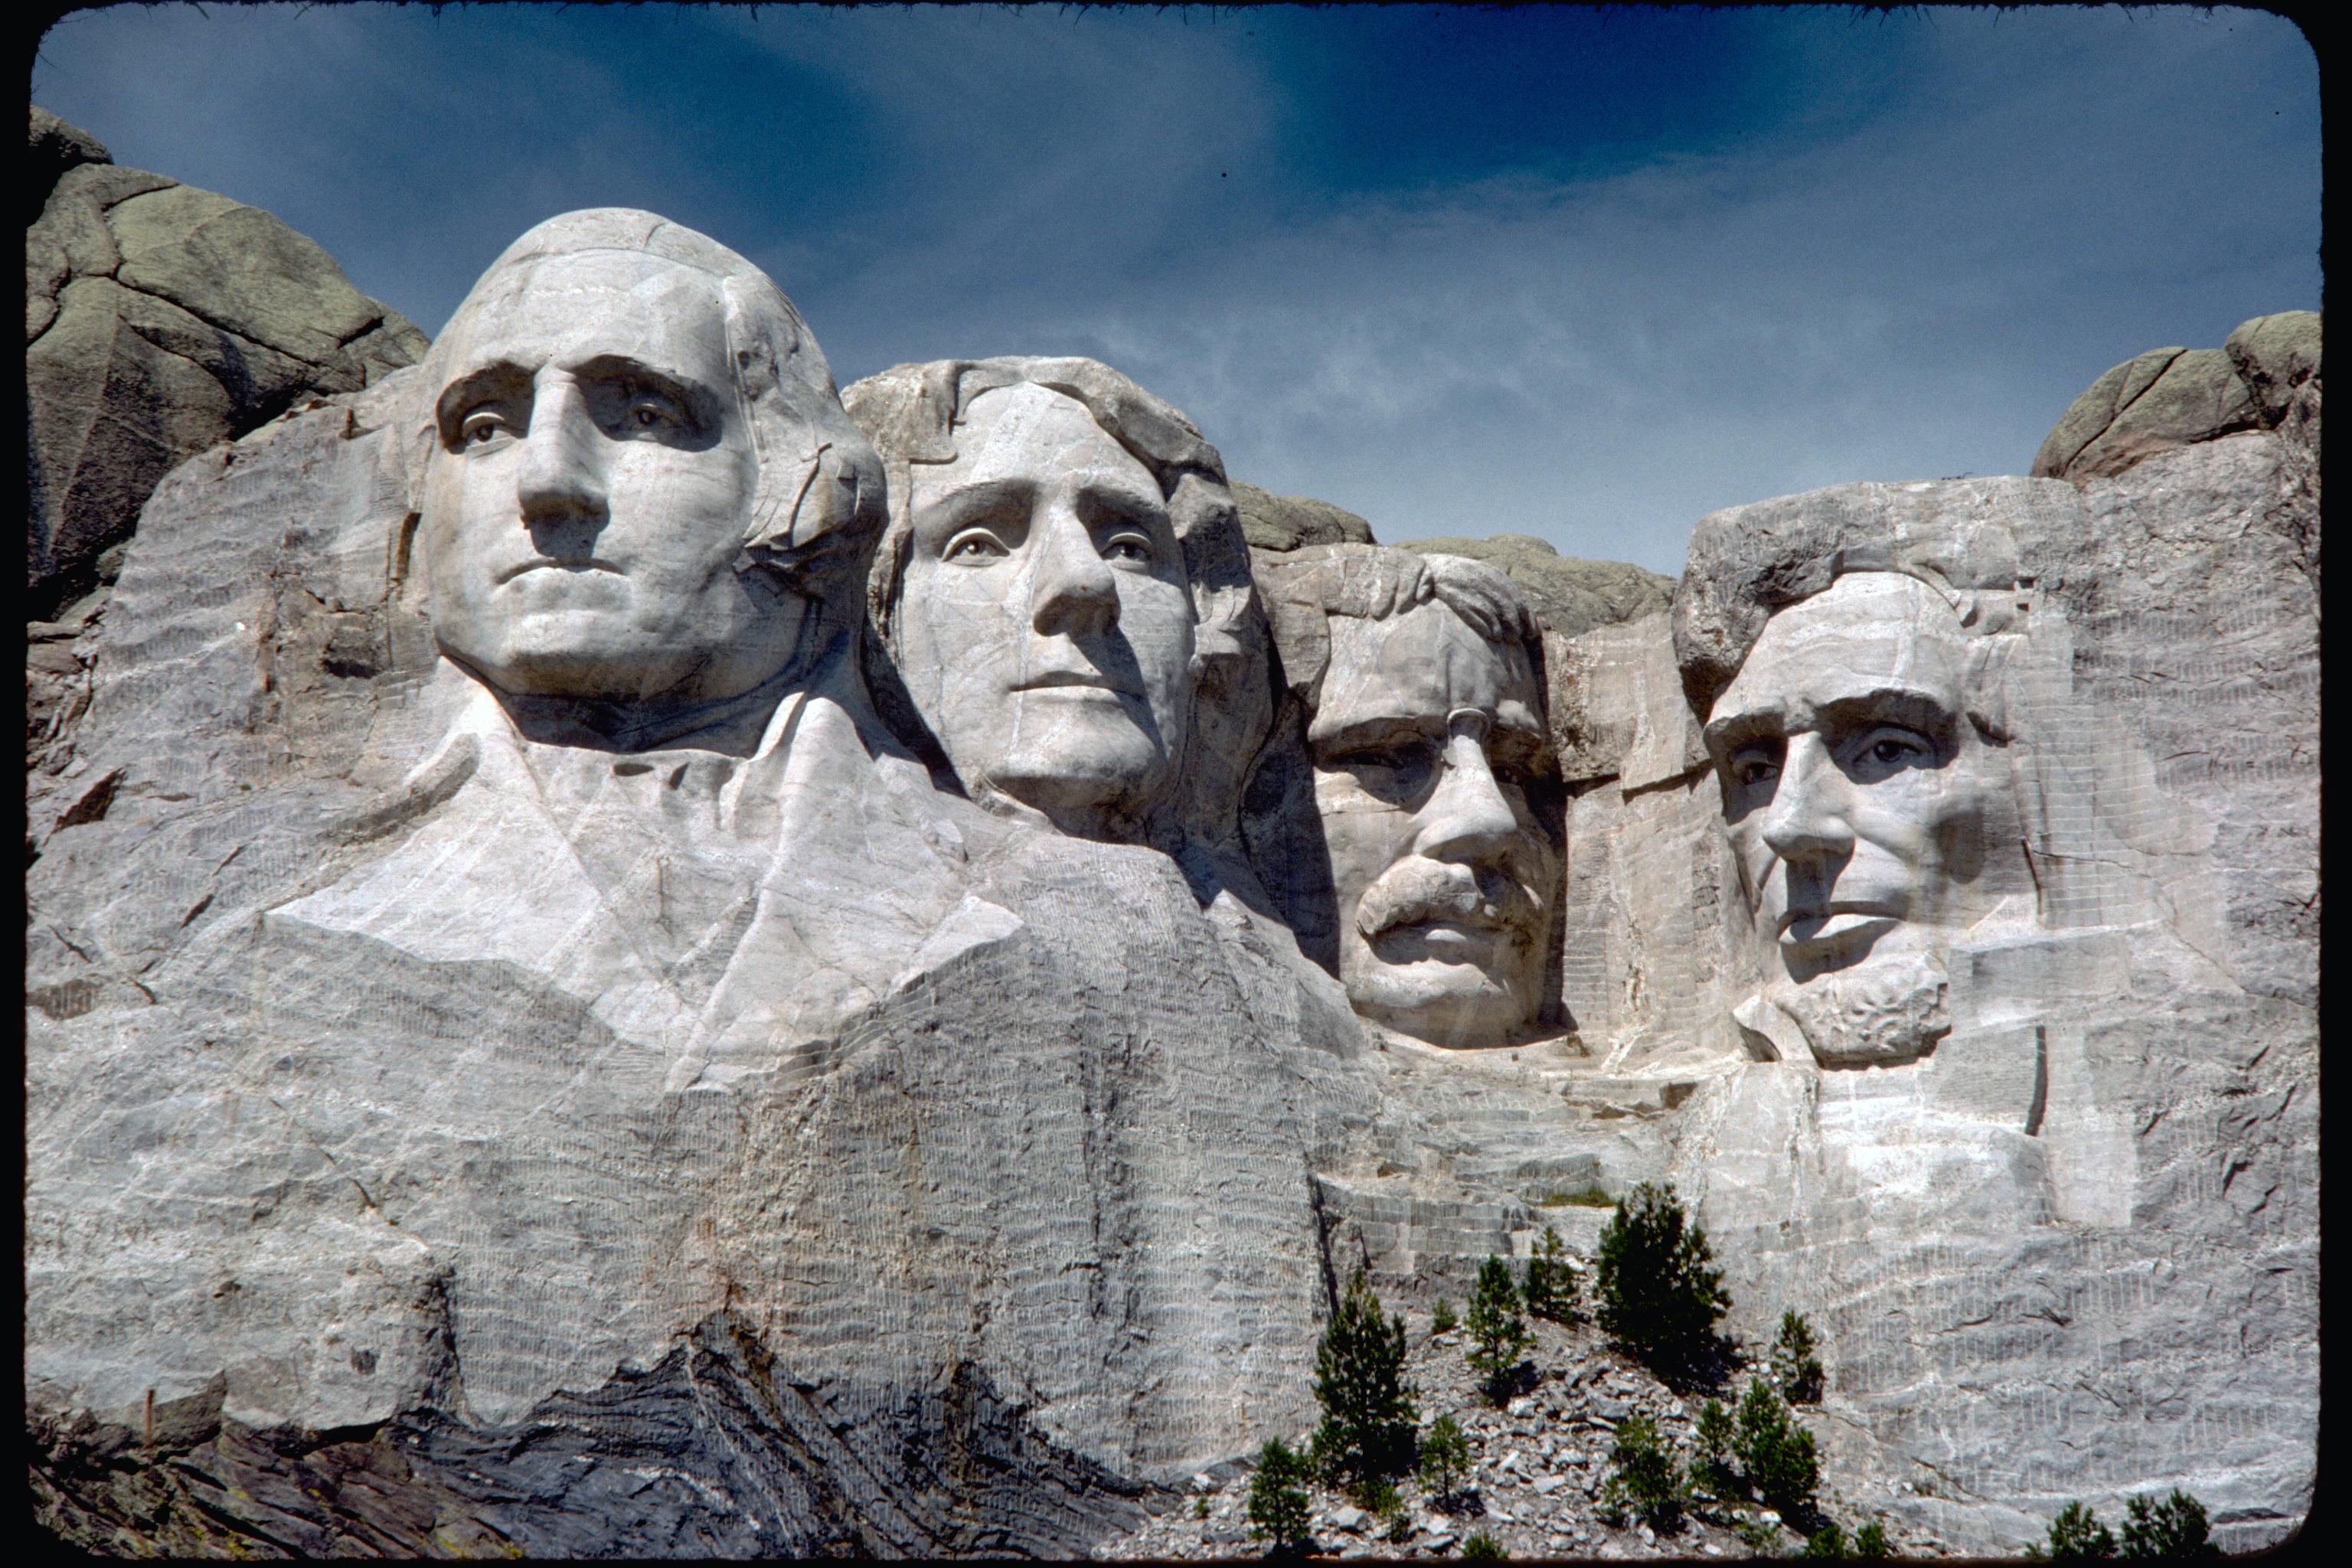 Worksheet Description Of Mount Rushmore filemount rushmore national memorial moru2006 jpg wikimedia commons jpg